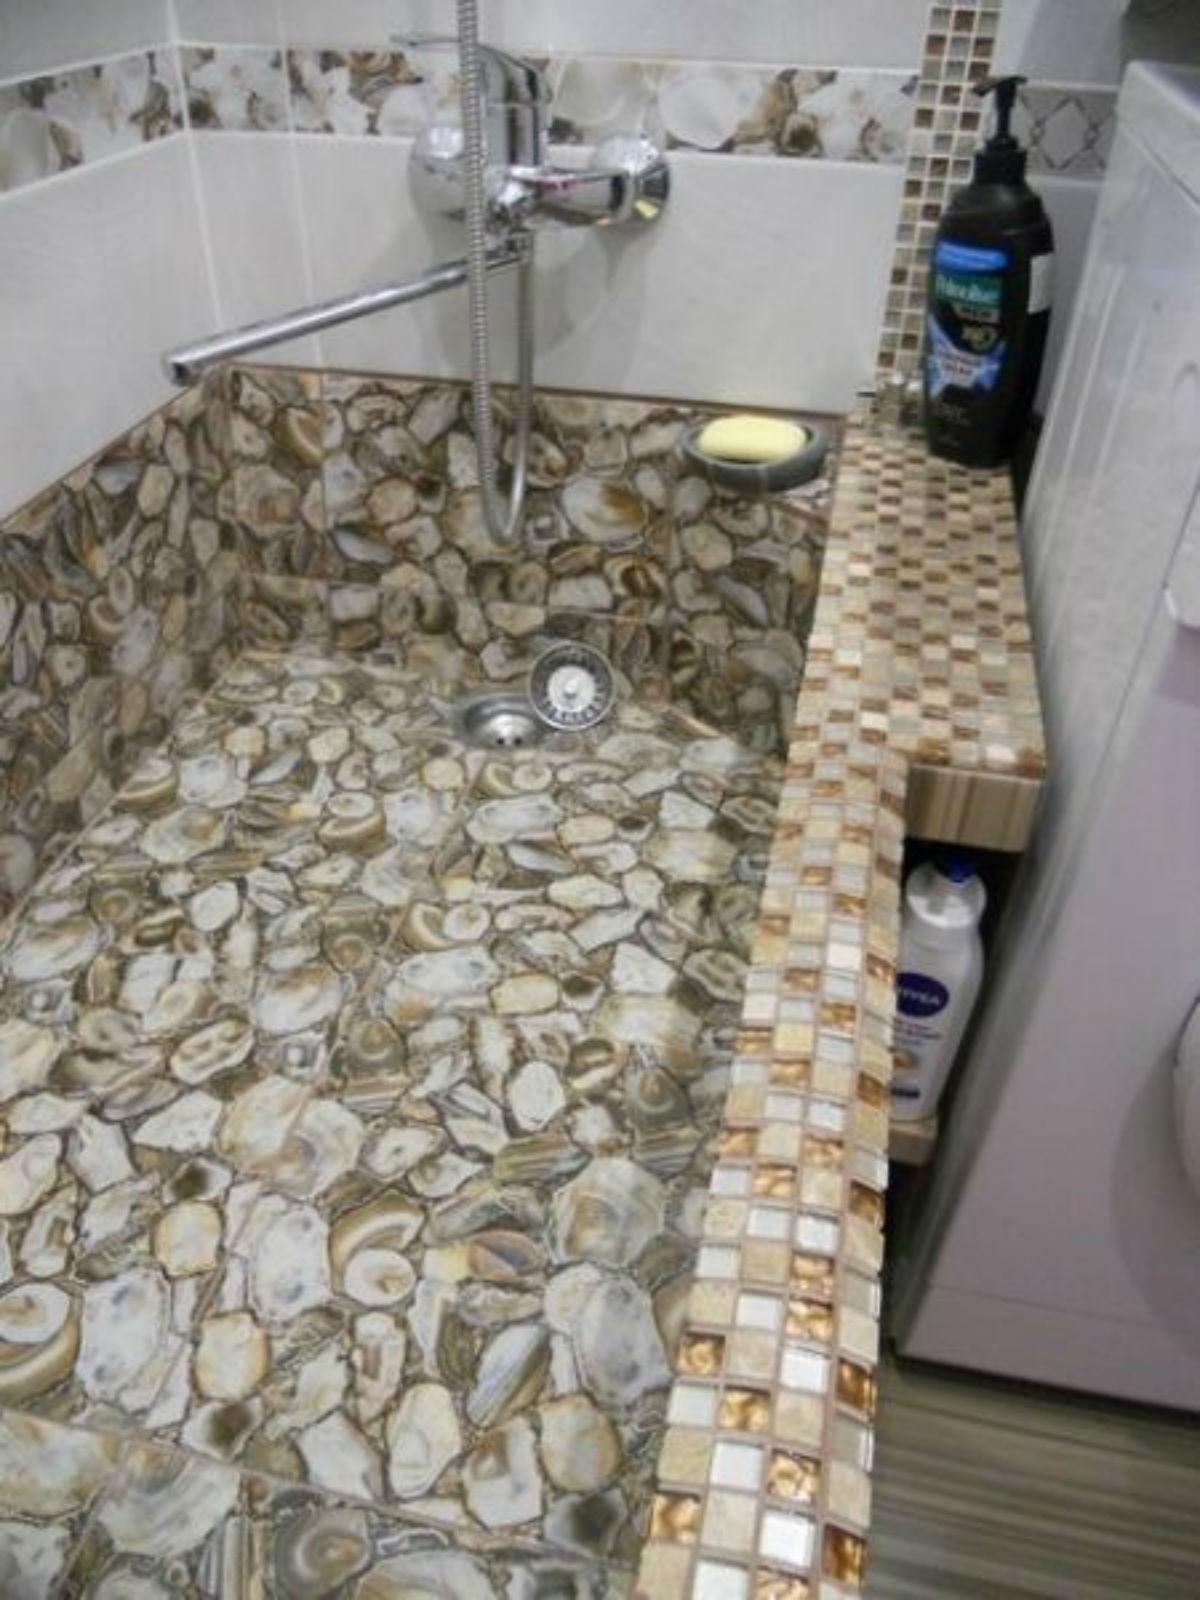 Этот парень сделал очень оригинальный ремонт в красивой ванной комнаты минимума средств. Теперь я также хочу такую ванну.